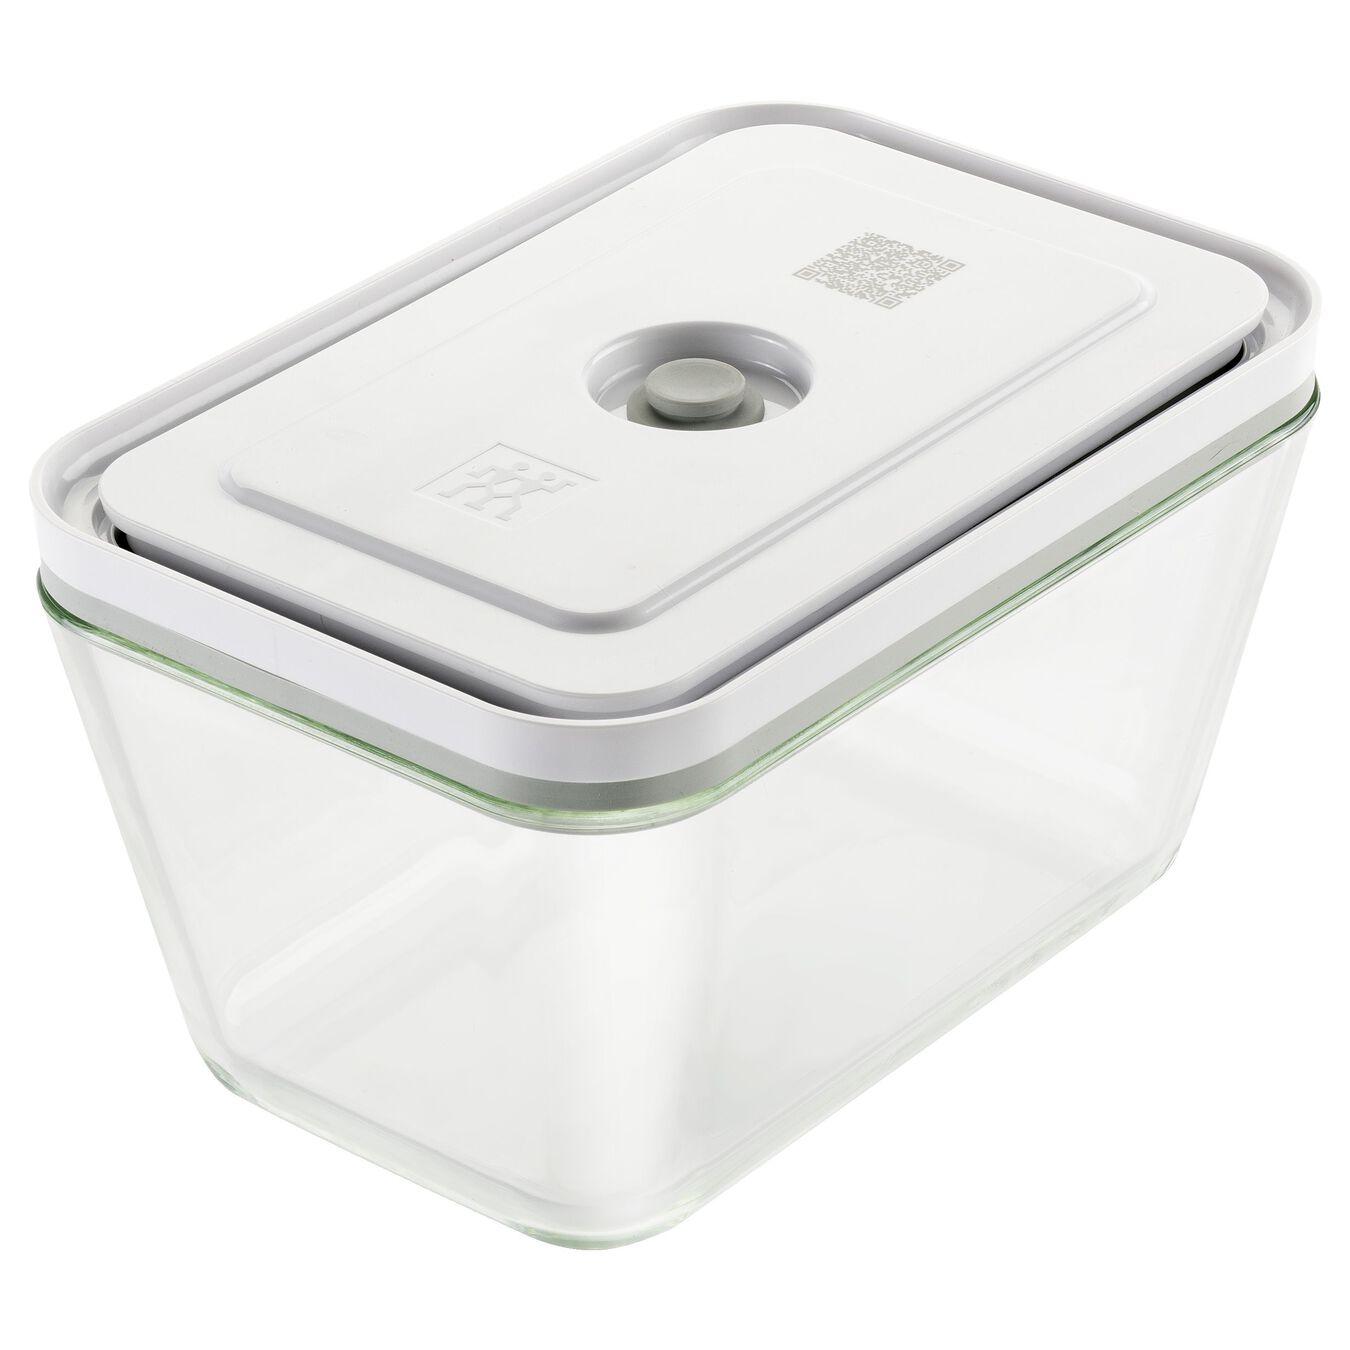 borosilicate glass / medium/large Vacuum starter set, 7-pc ,,large 12